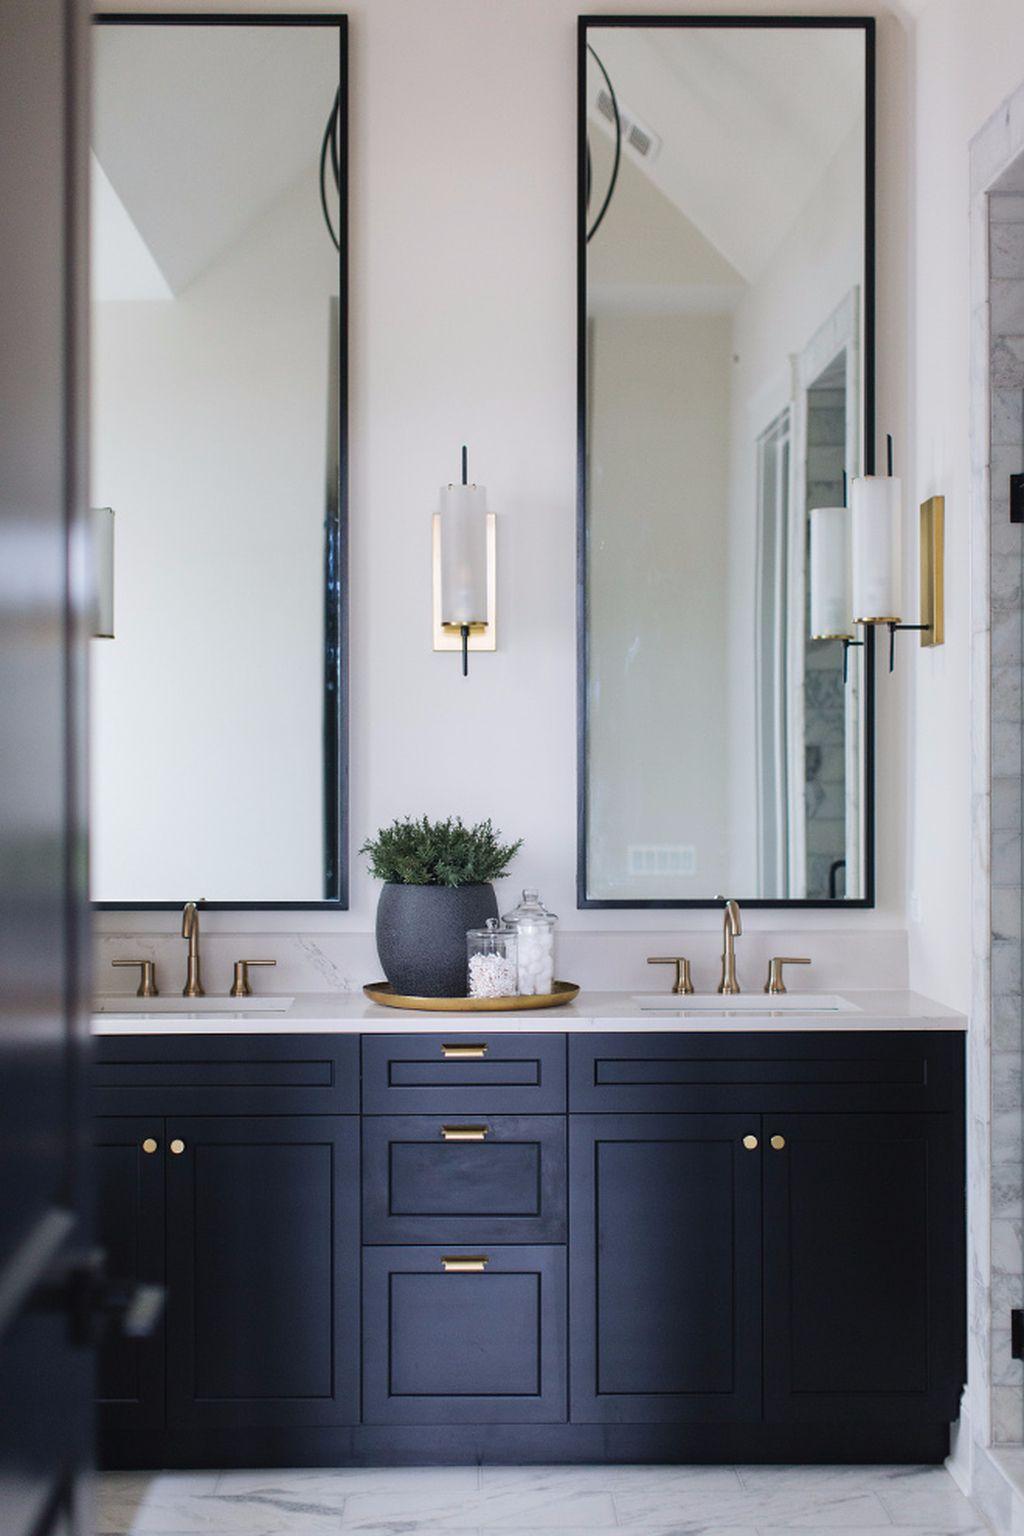 49 Fancy Bathroom Mirror Ideas For Your Bathroom Cluedecor